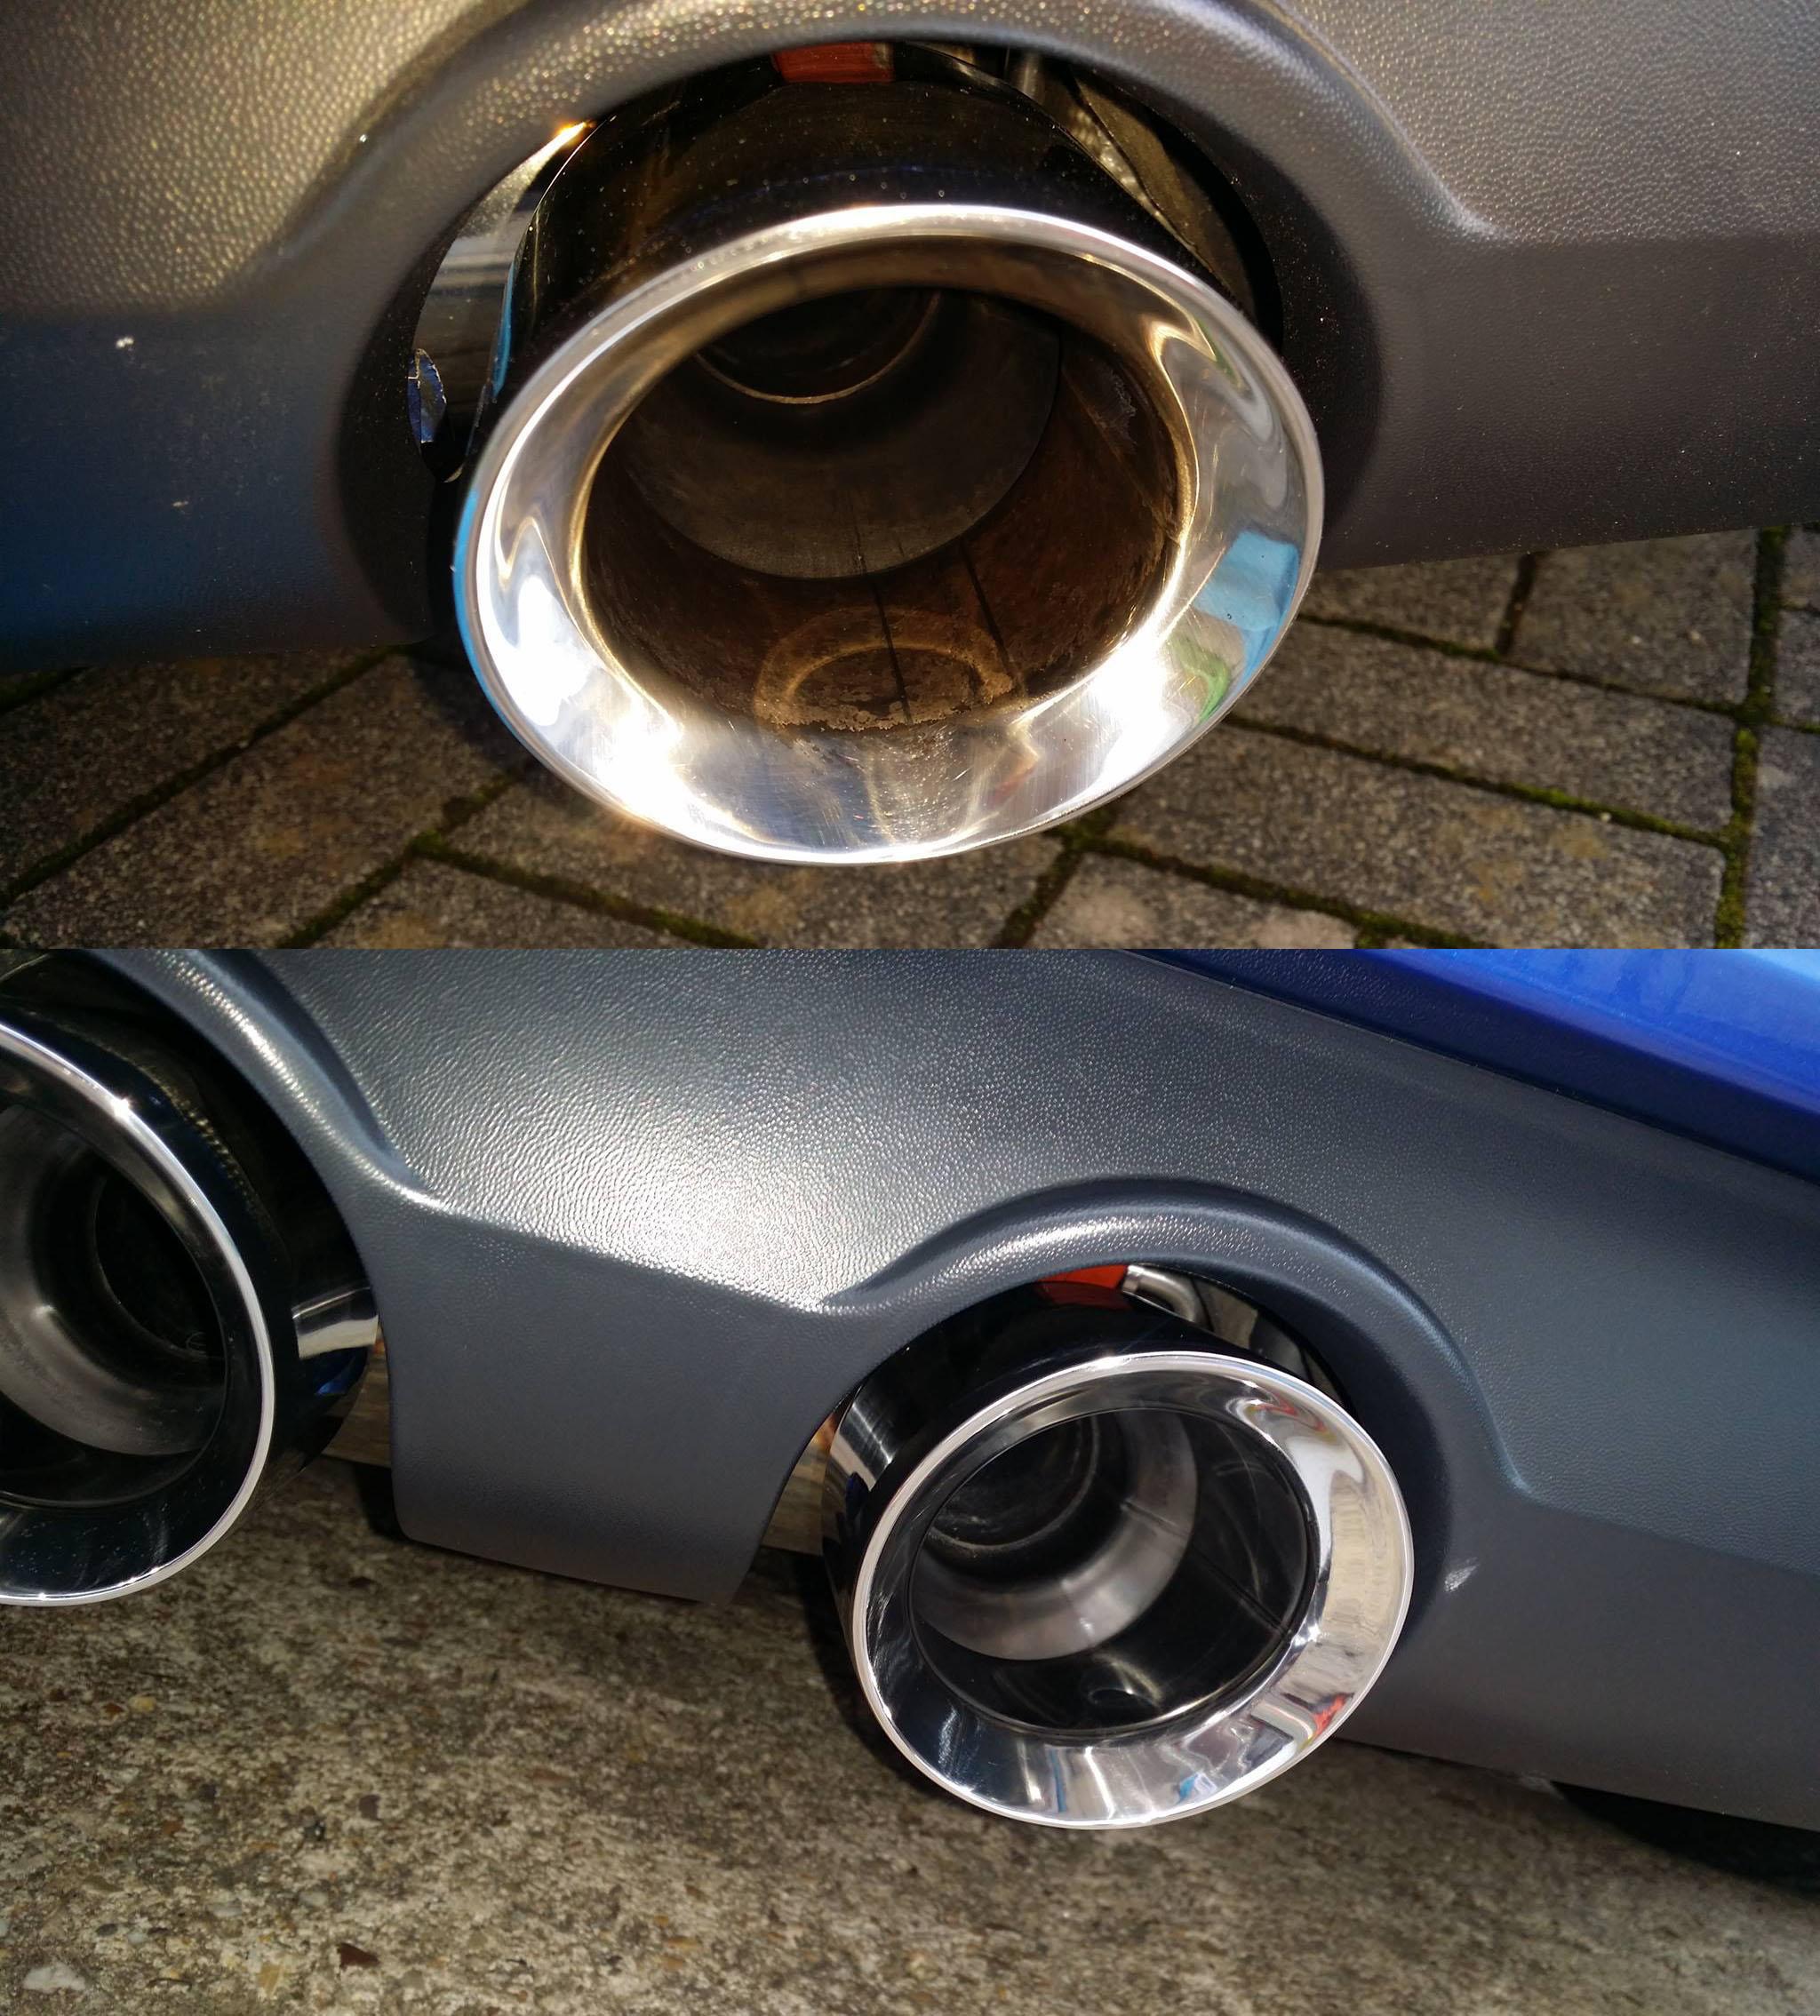 Berühmt Auto Chrom und Metallteile reinigen und pflegen | 83metoo NZ26